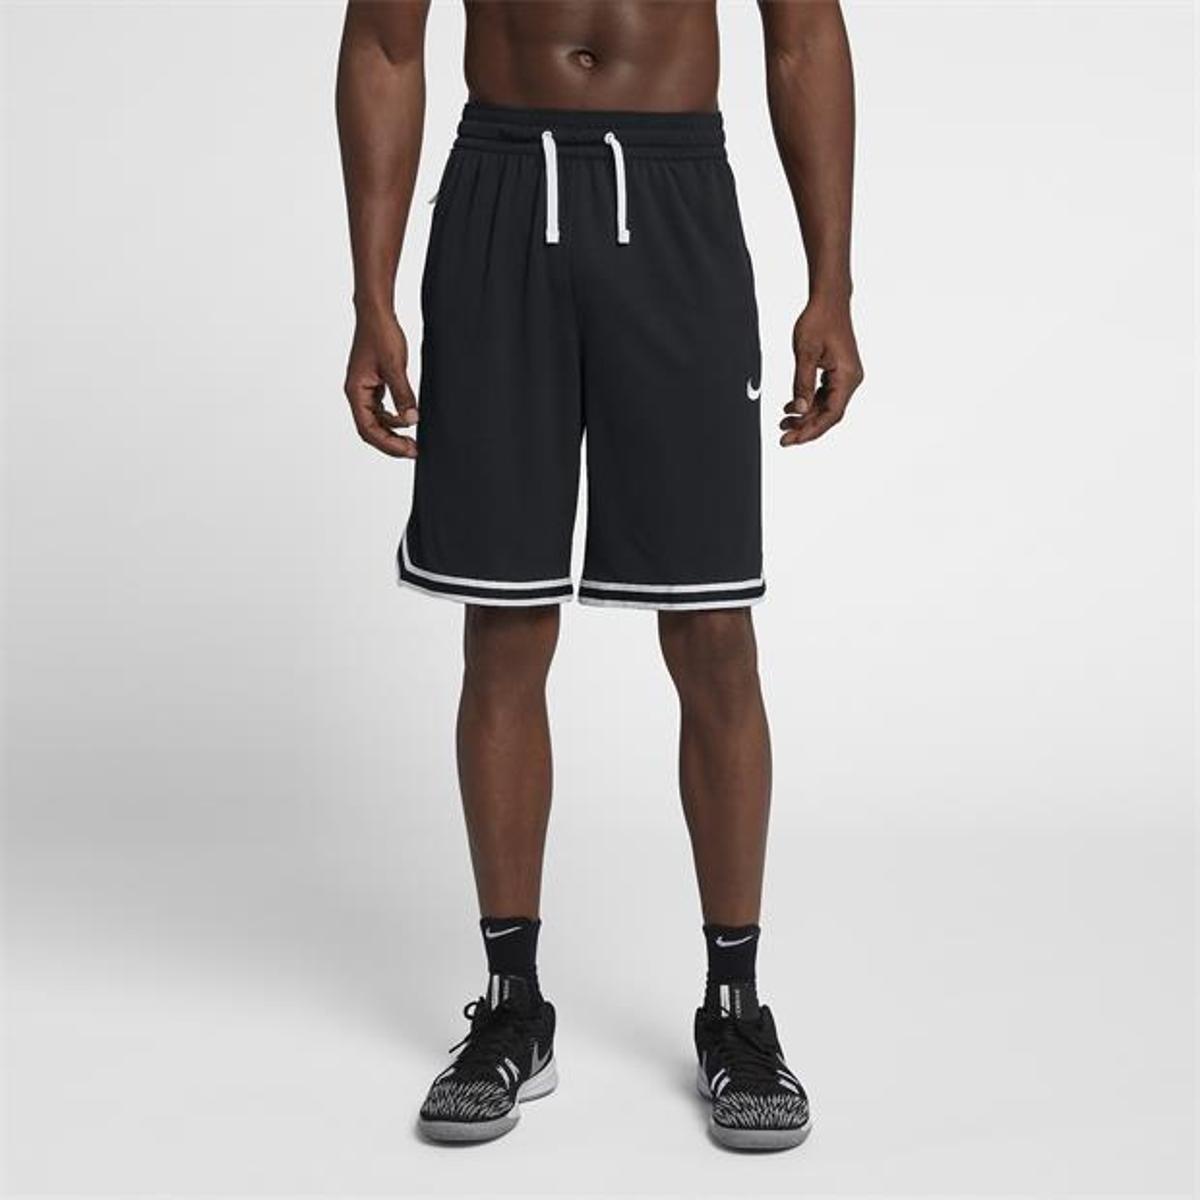 garantía de alta calidad calidad confiable características sobresalientes Bermuda Nike Dry DNA Masculina | Netshoes